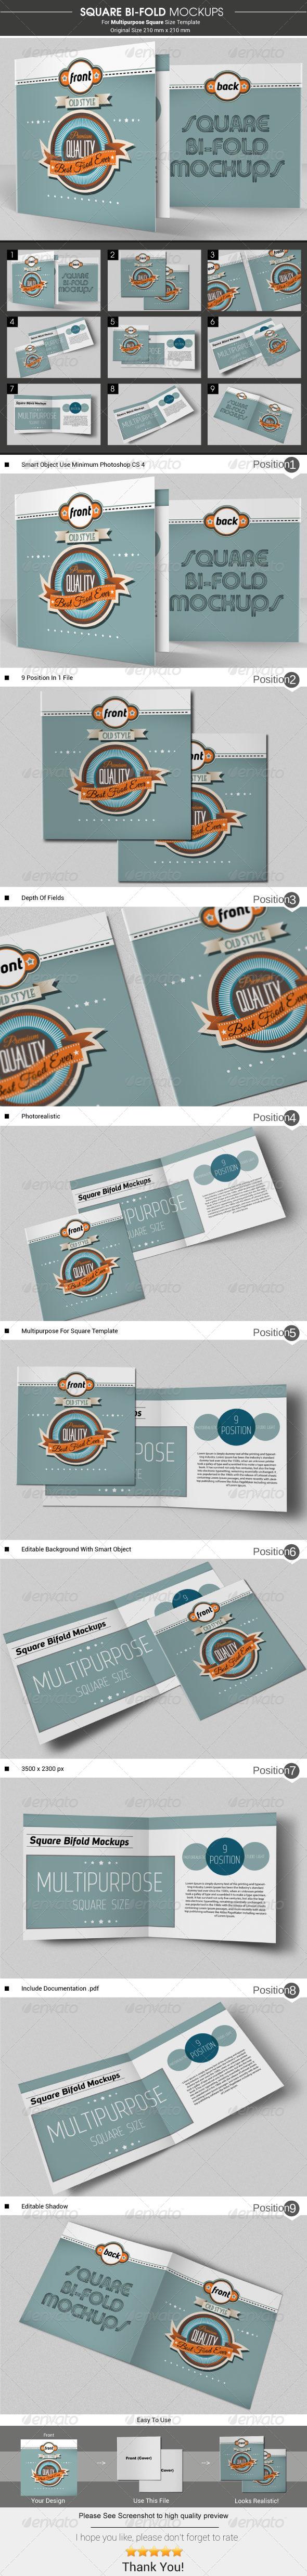 Square Bi-Fold Brochure Mockups - Brochures Print